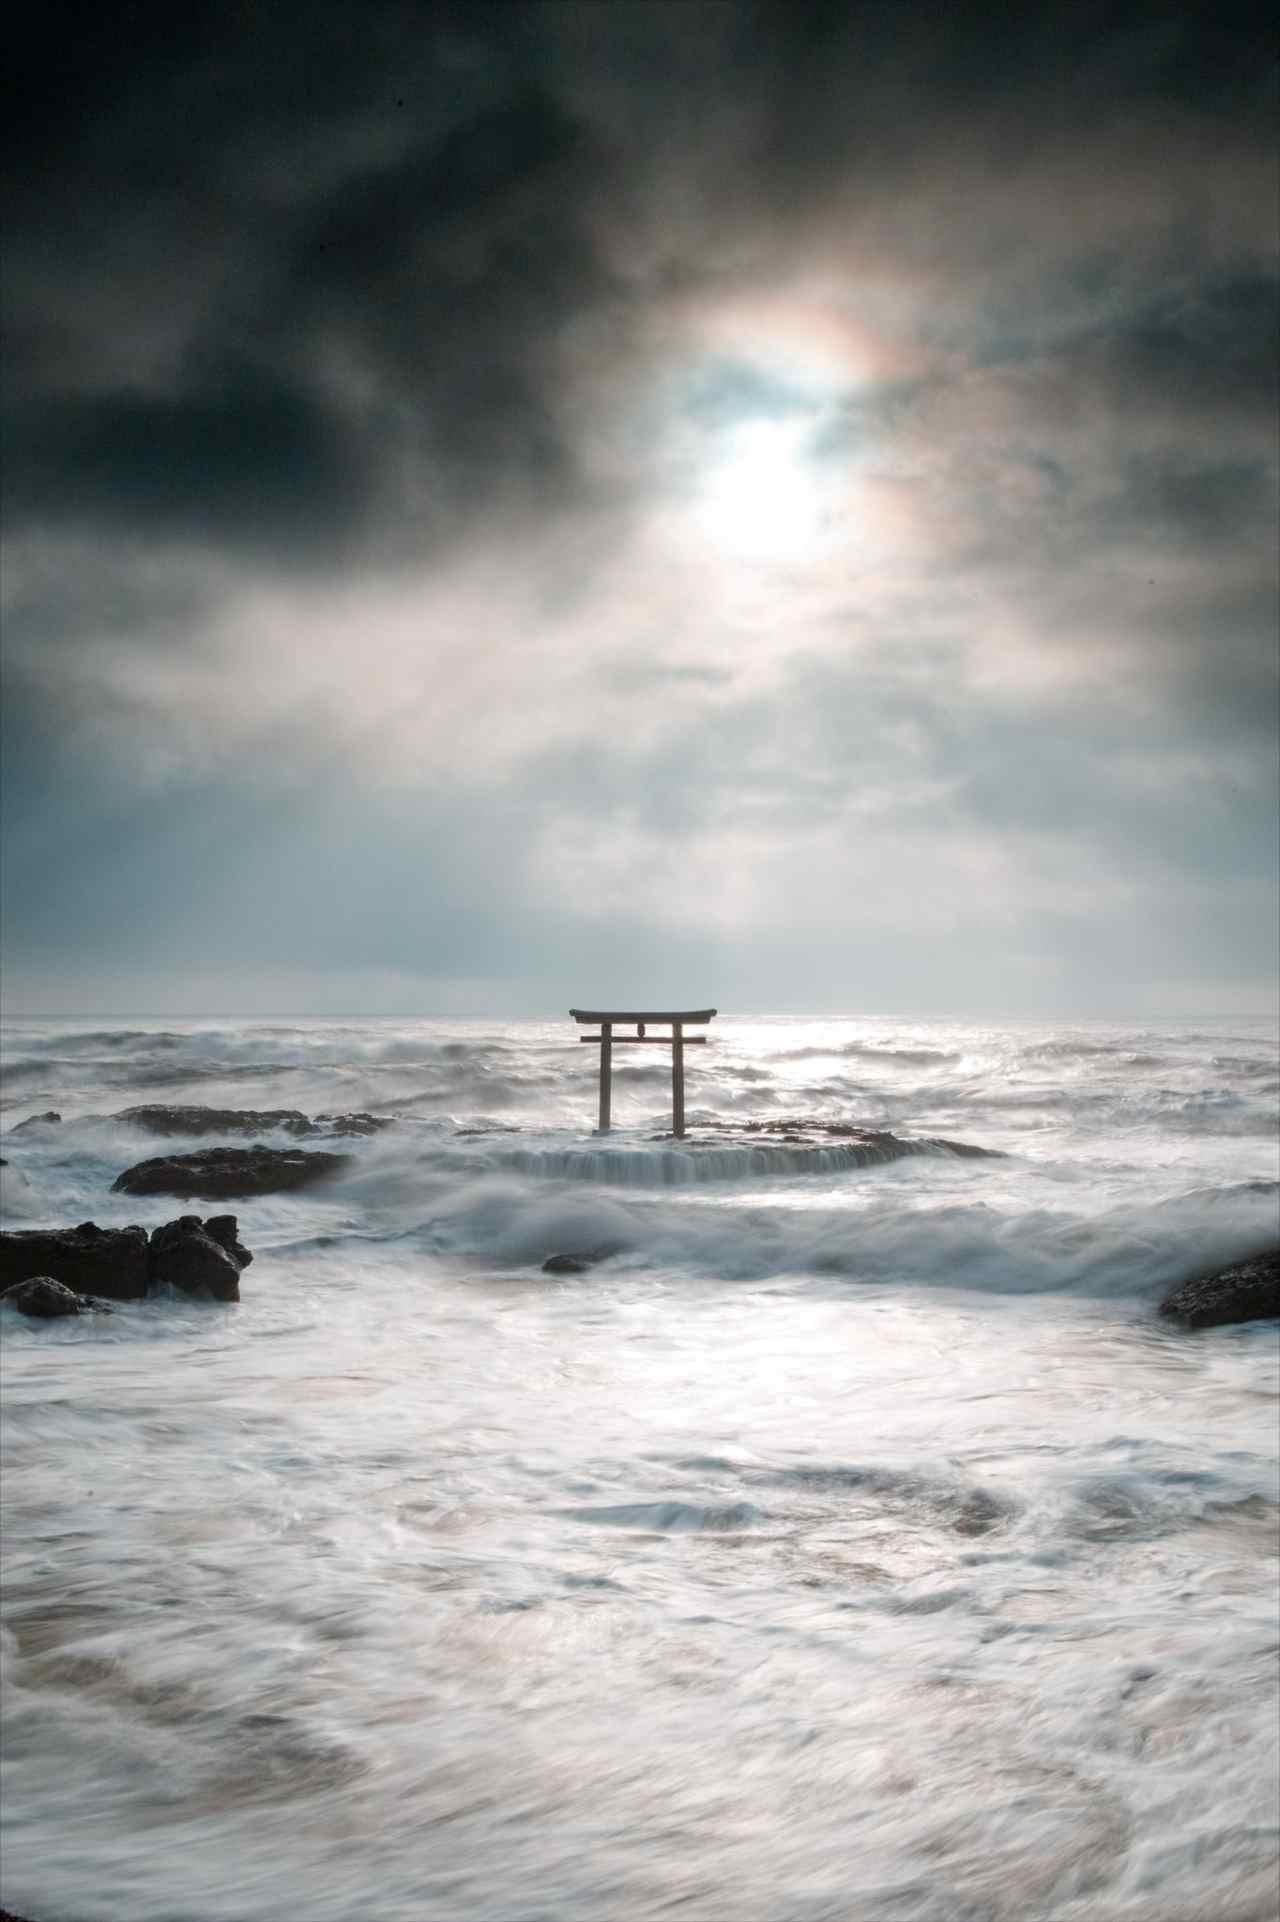 「まるで神が降臨して来たかのよう」大洗海岸の岩礁に立つ鳥居の神々しさがヤバすぎる!